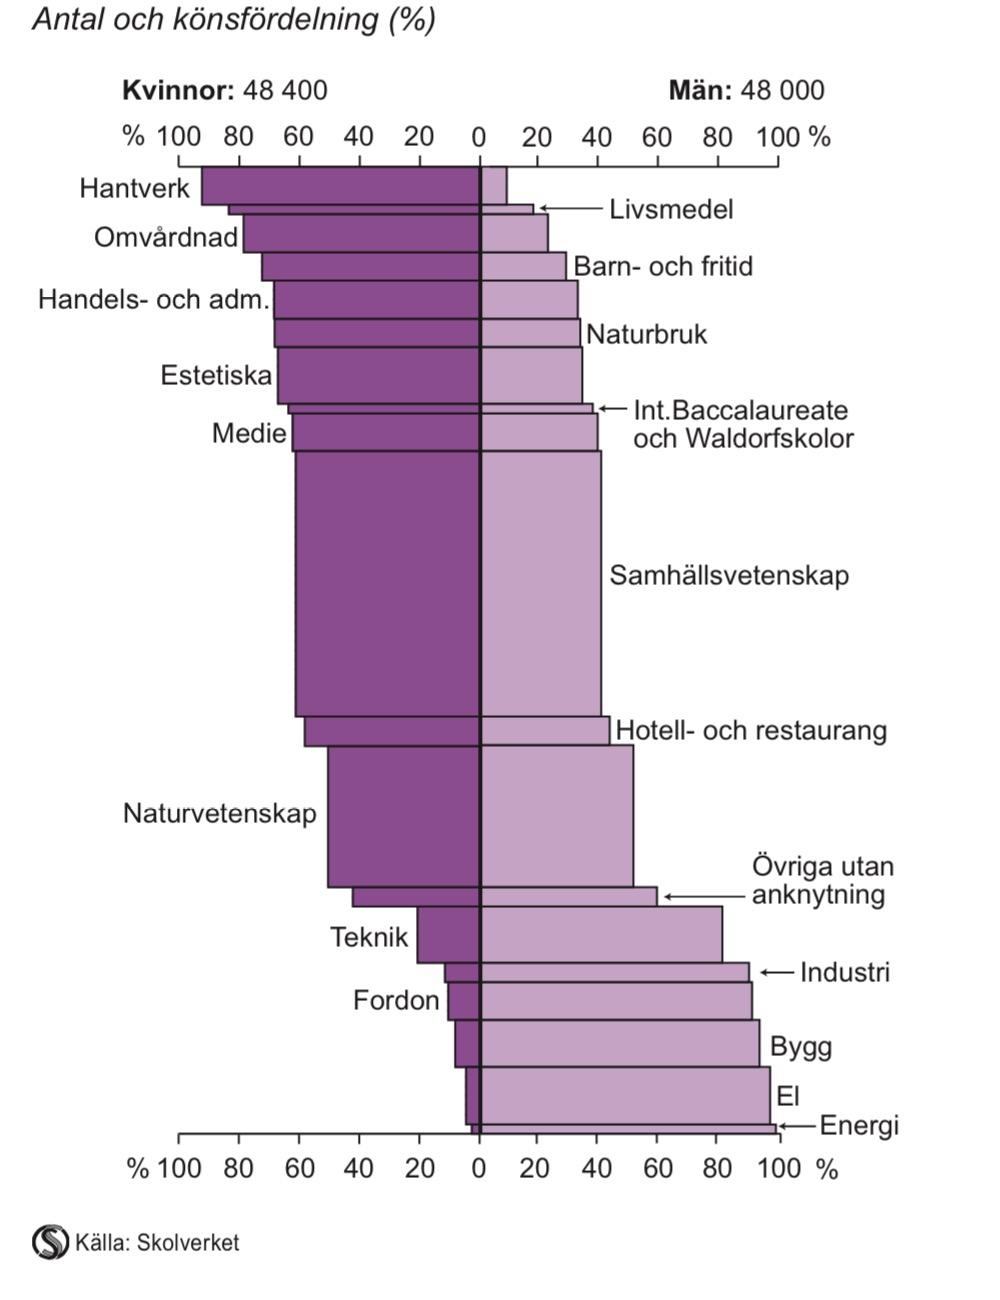 Avgångna från gymnasieskolan efter program eller anknytning till program 2012/13